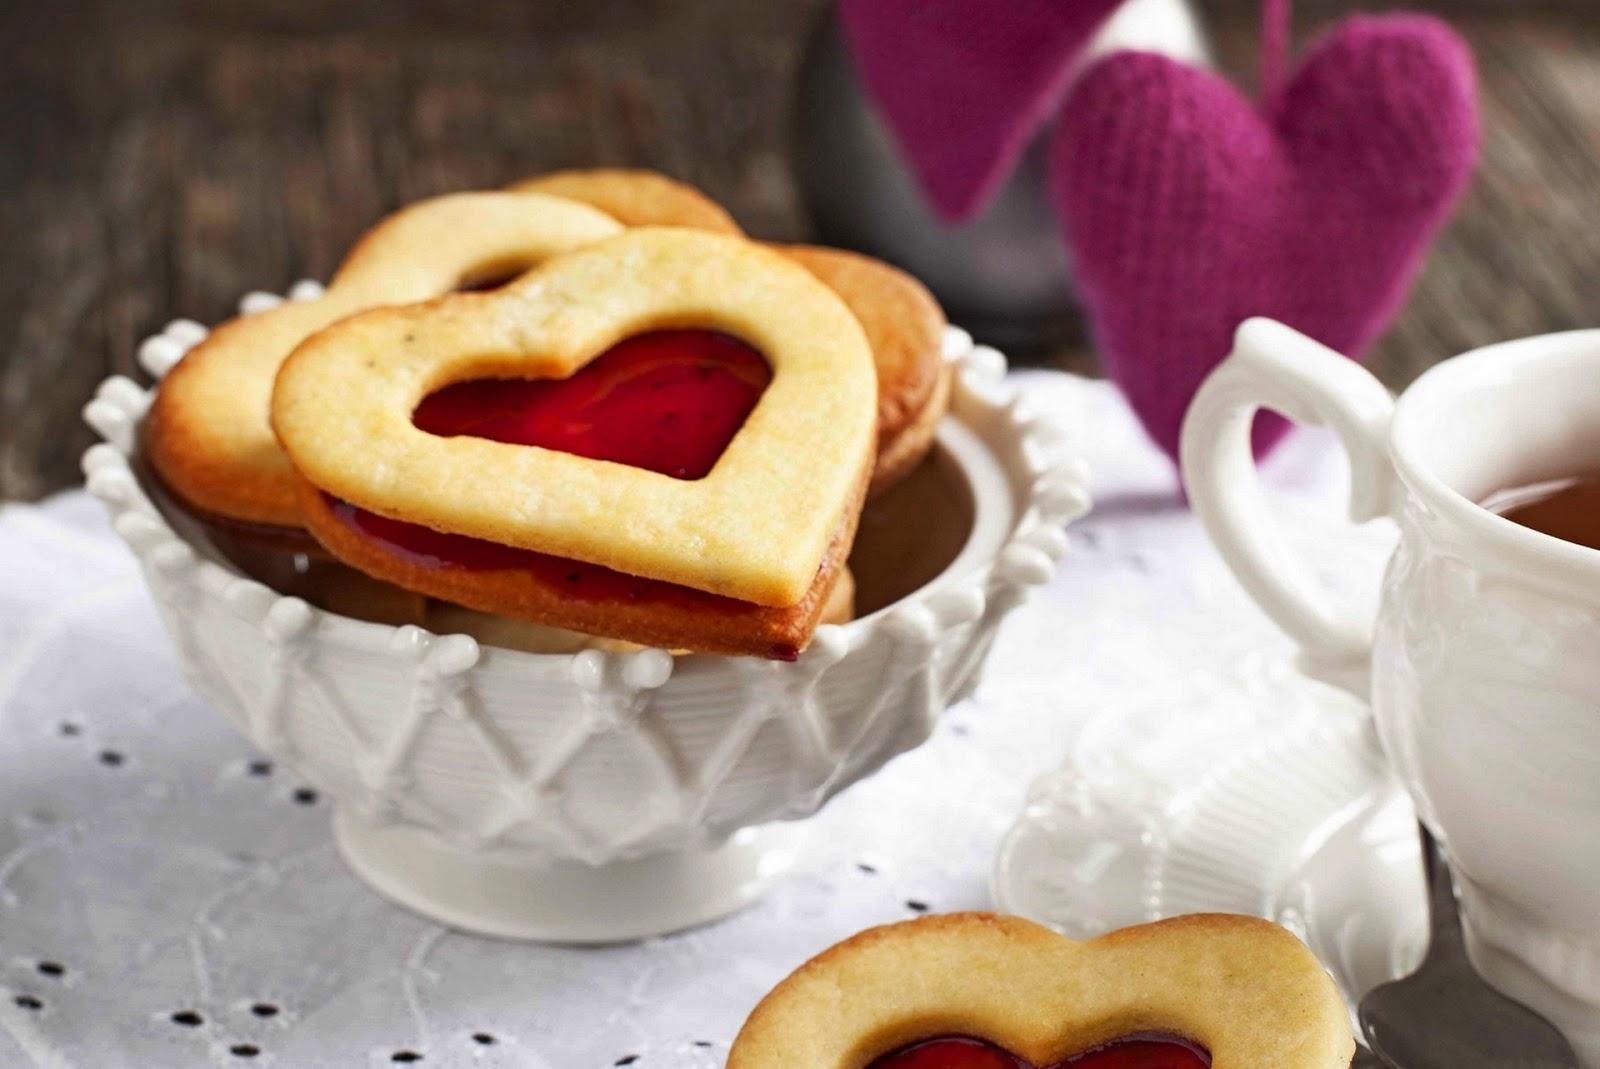 Imagenes De Dia De Sanvalentin - Imágenes de San Valentin y mucho más para Enamorados